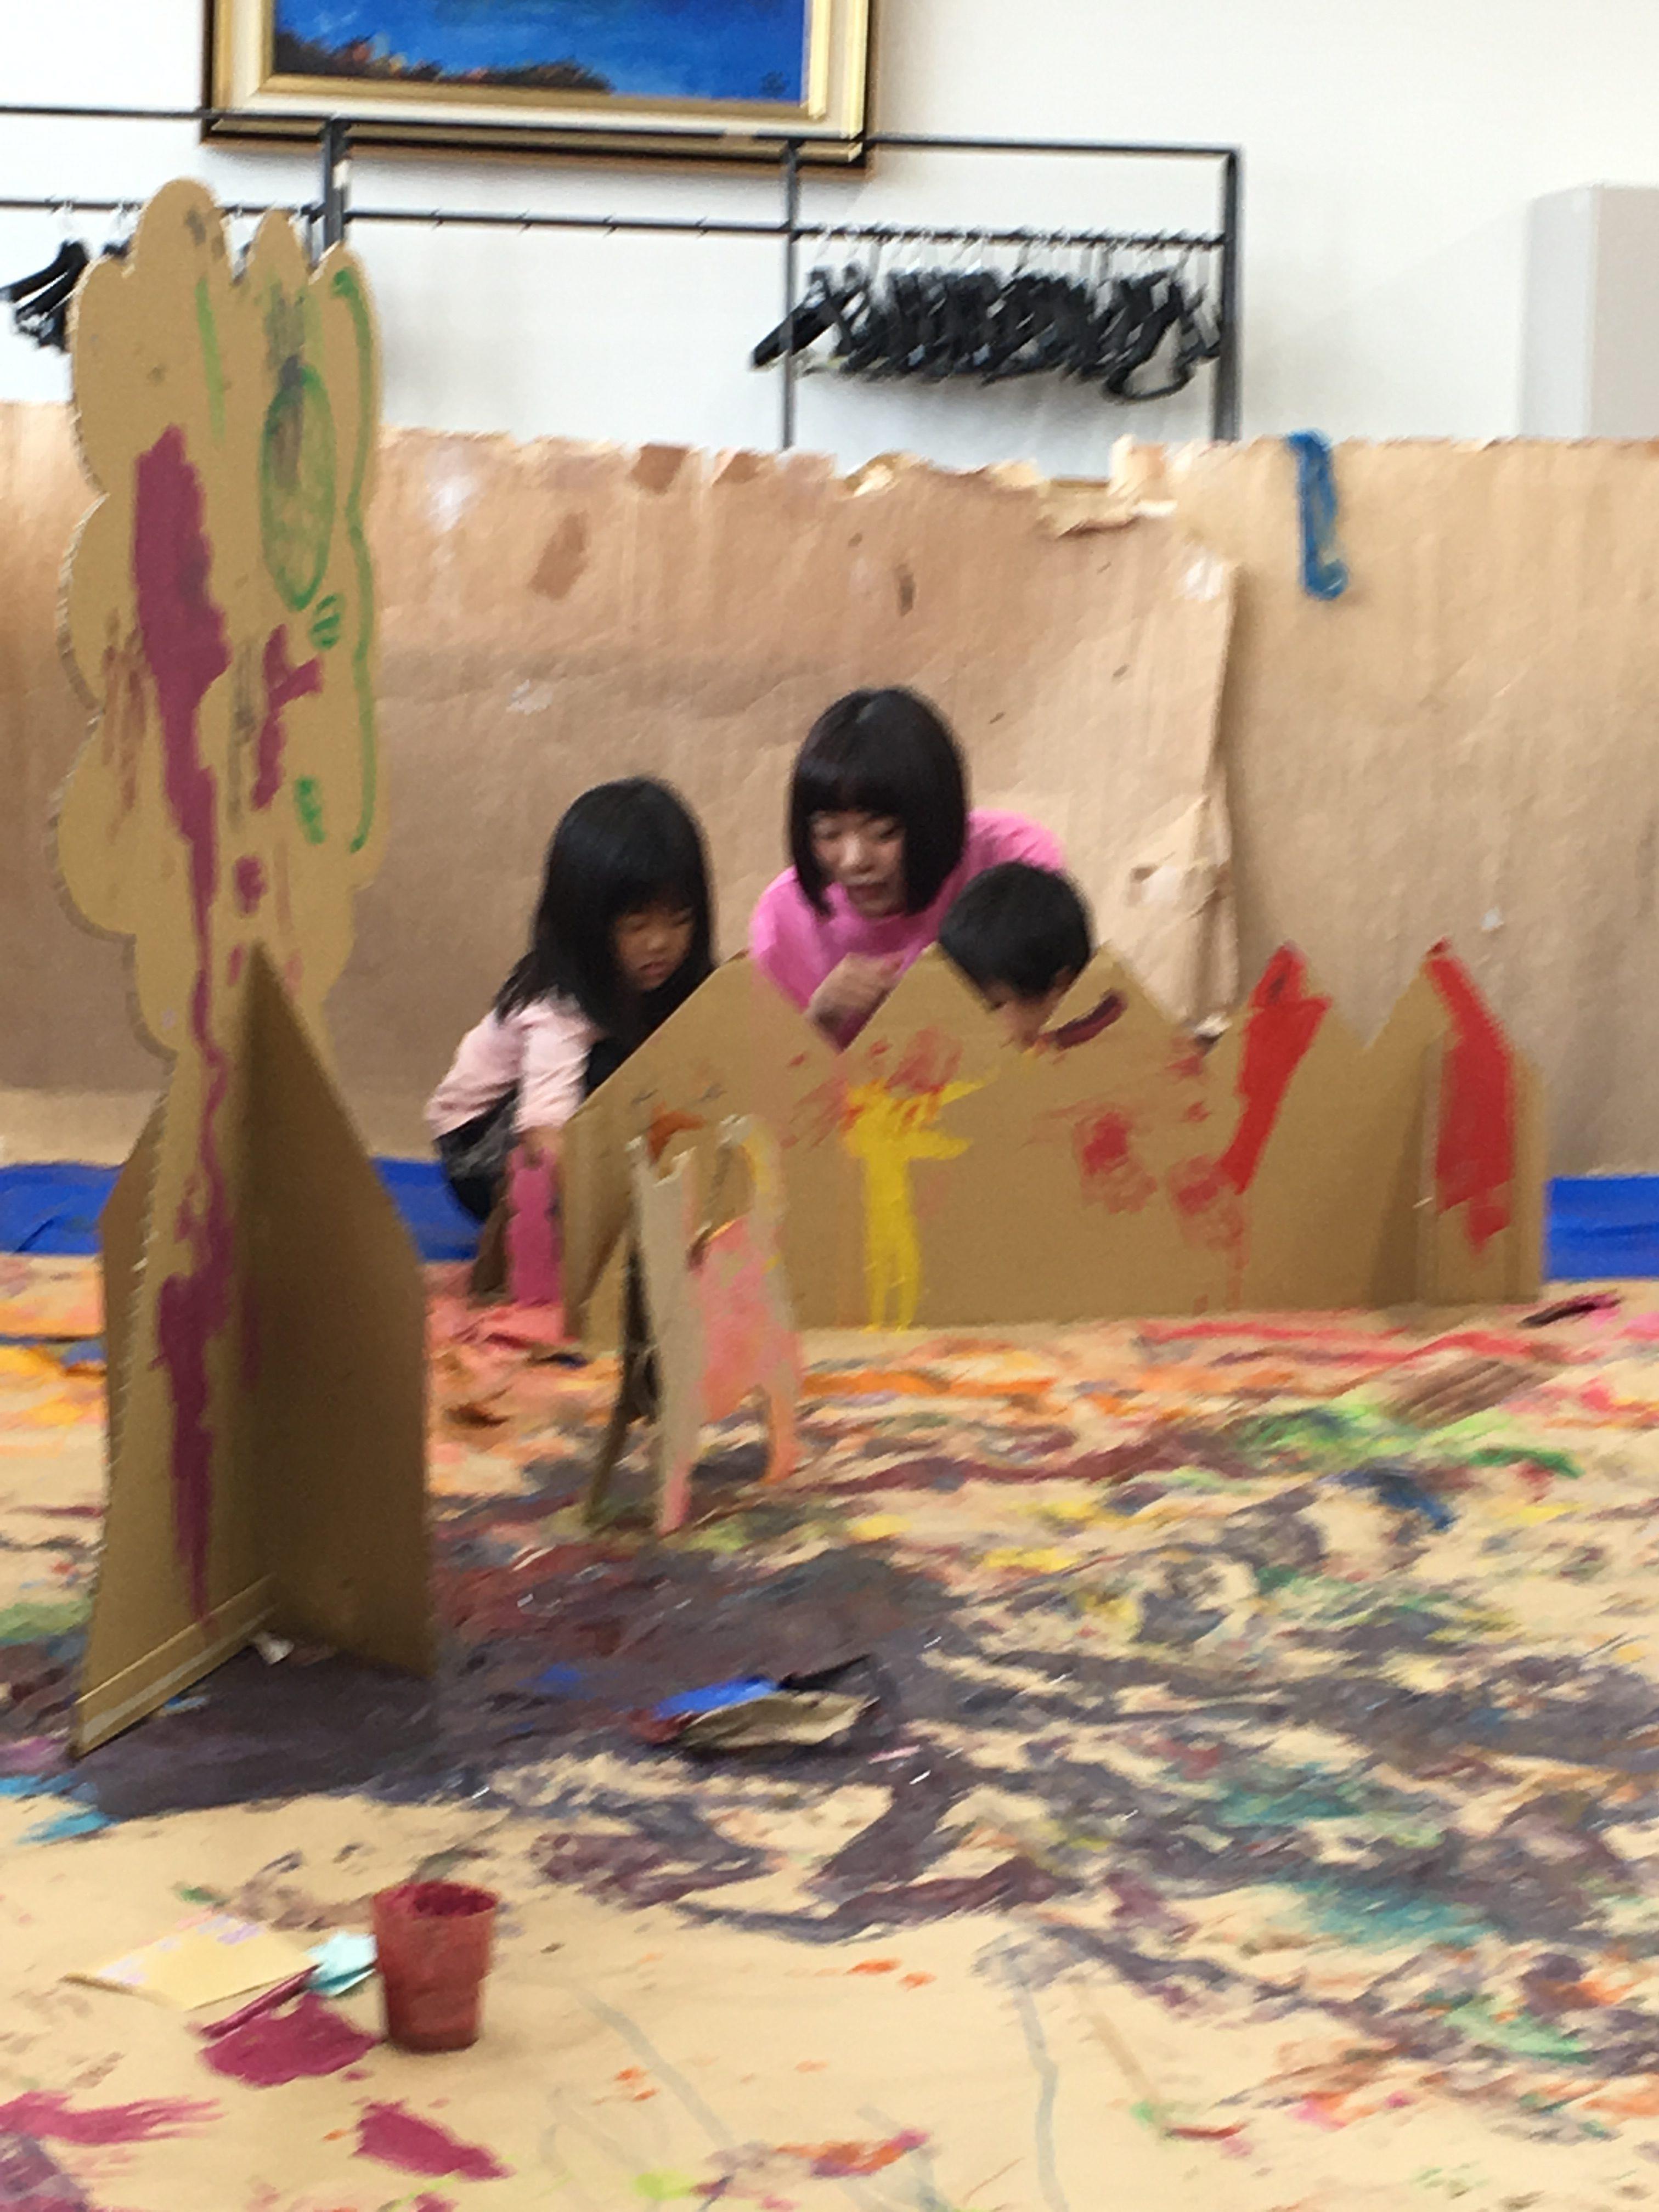 アートセラピーを取り入れたアート教室で子供たちと遊んでいる様子